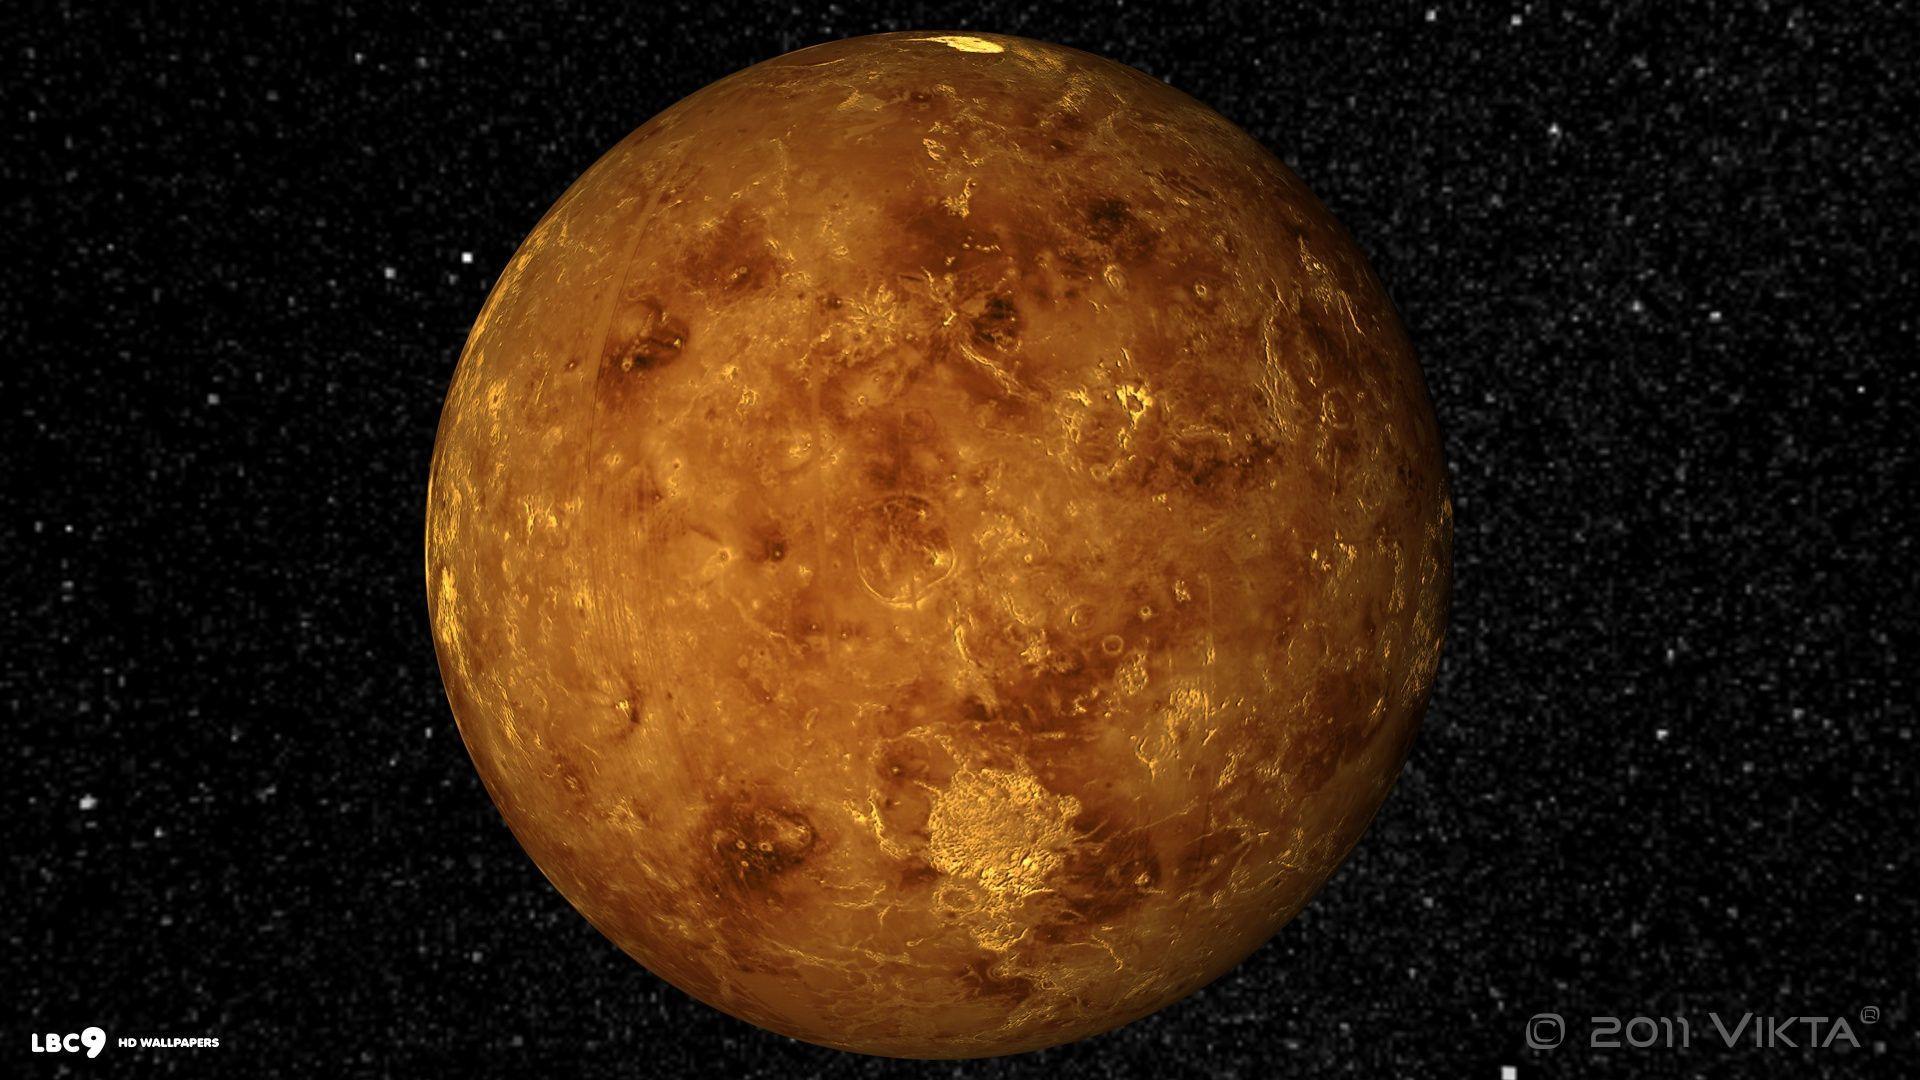 venus planet images - HD1600×900